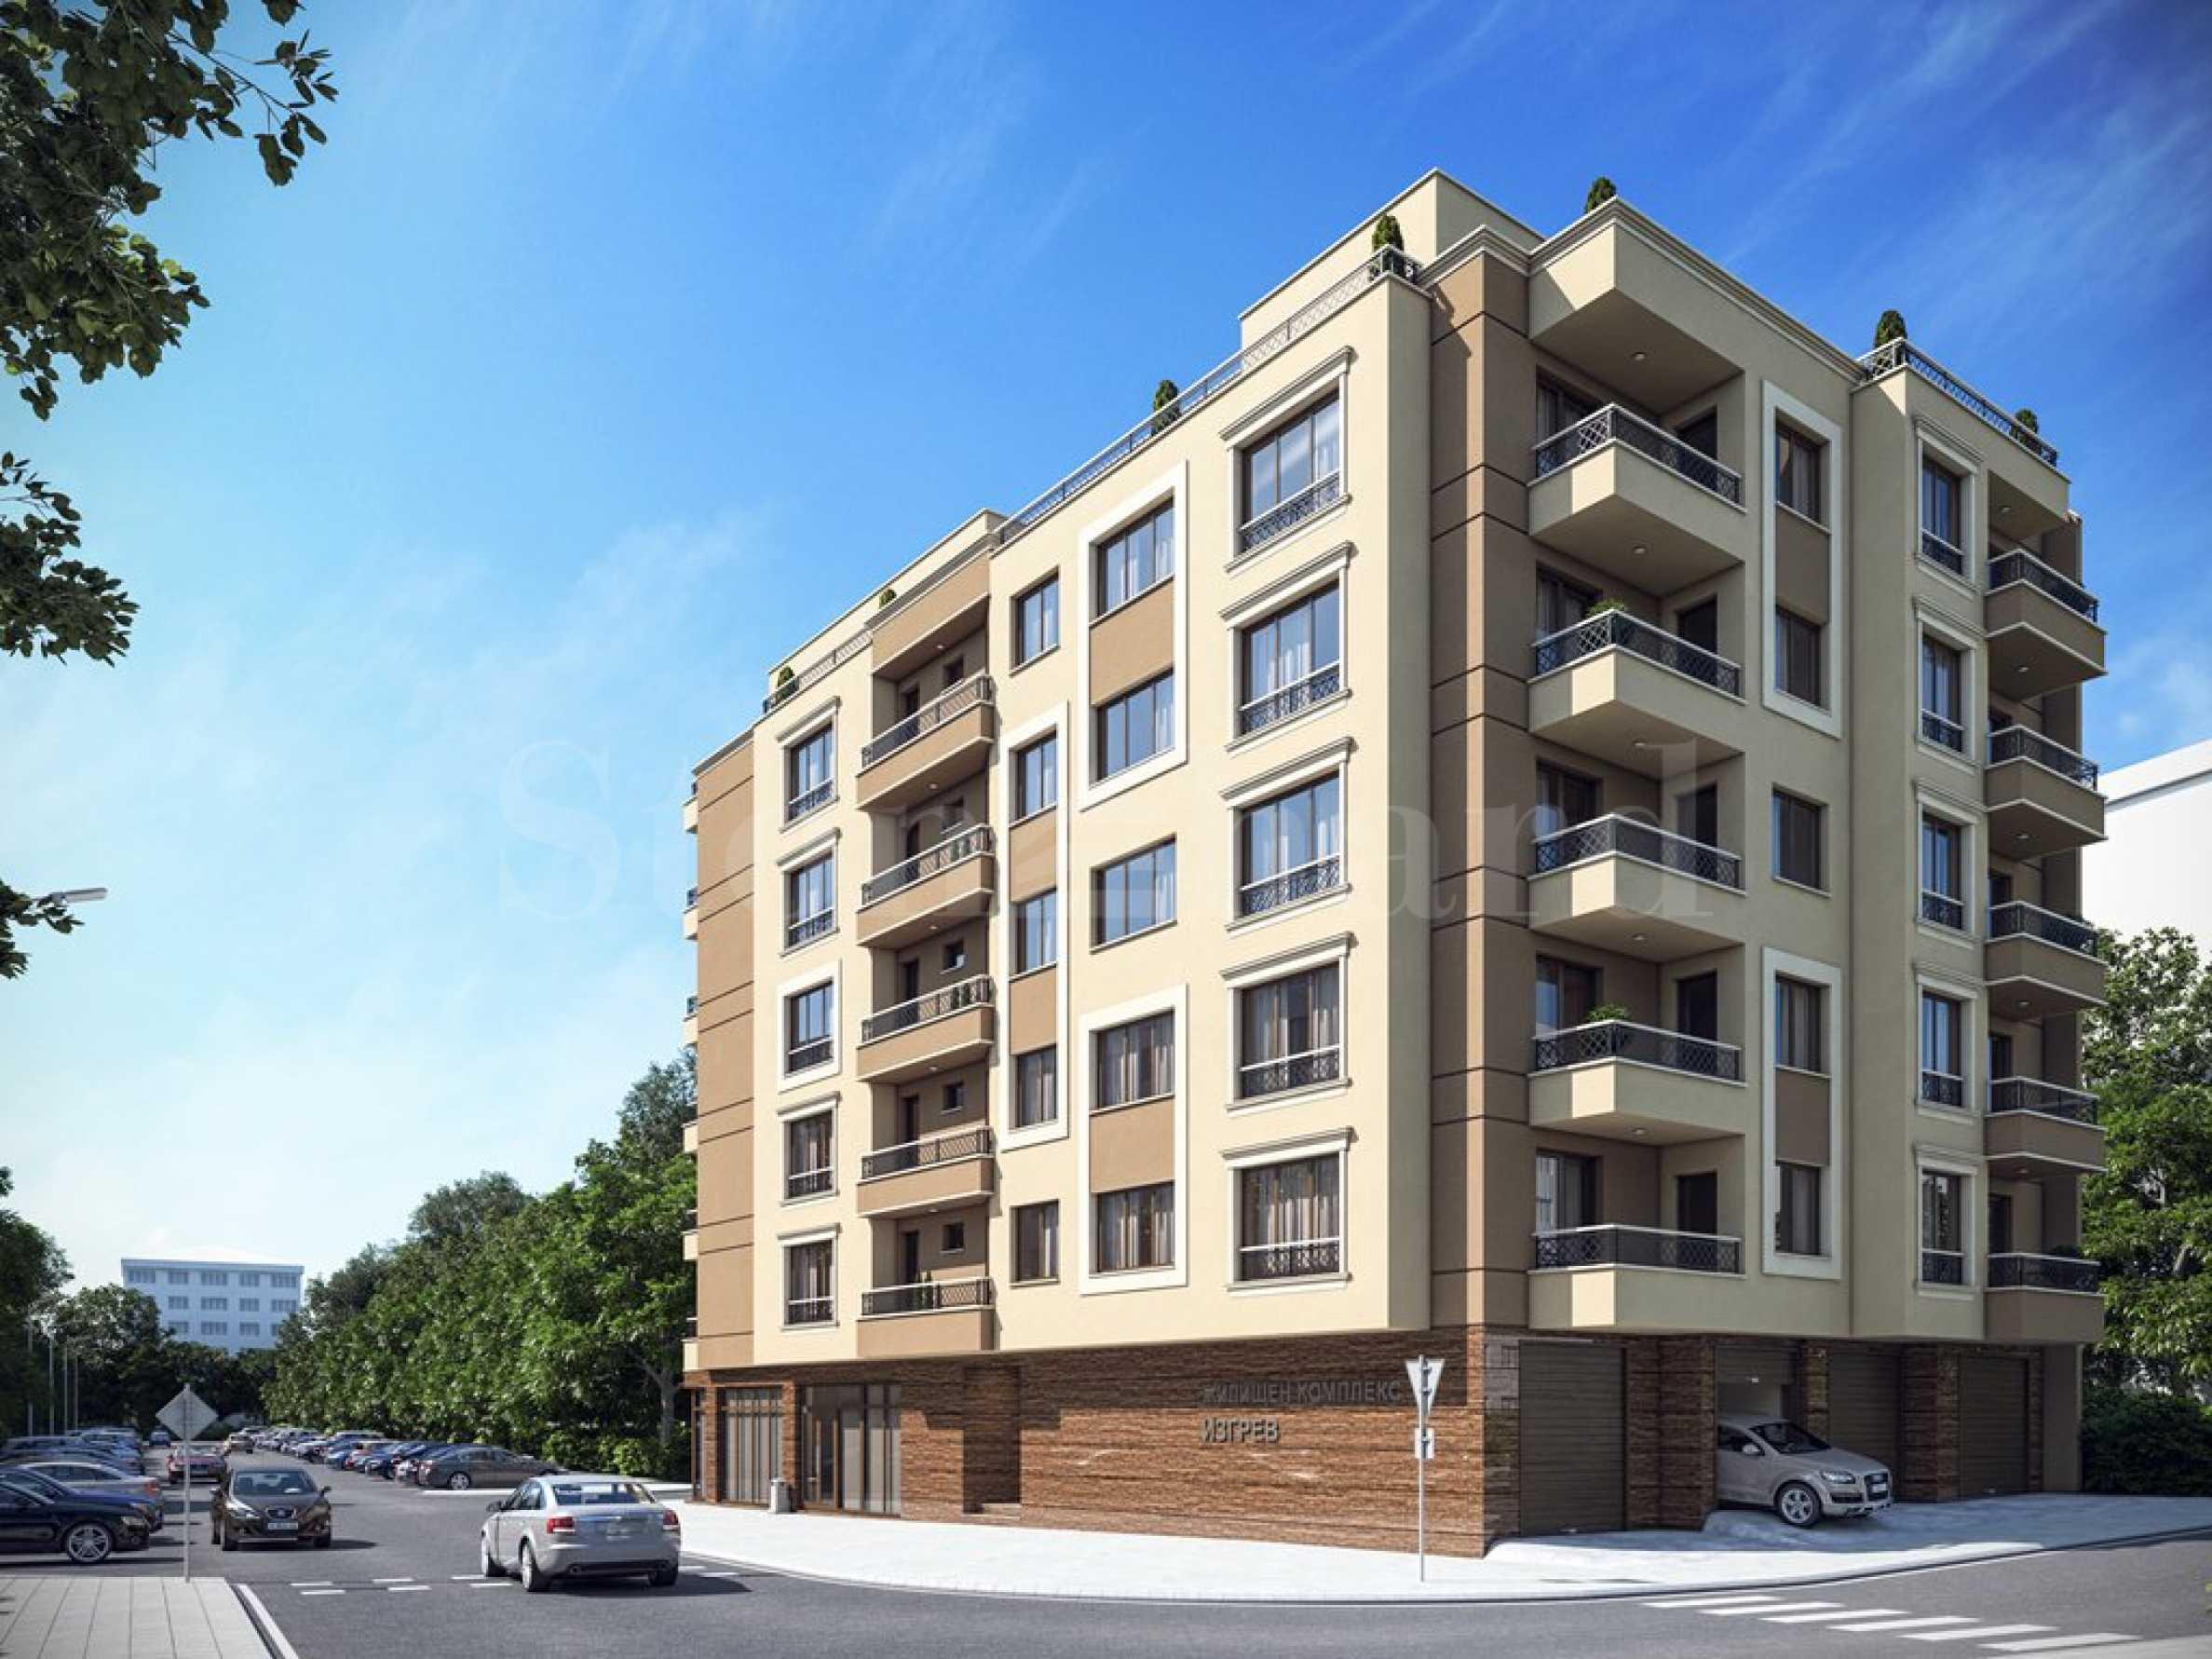 Апартаменти в сграда ново строителство до Mall Burgas Plaza в ж.к. Изгрев2 - Stonehard